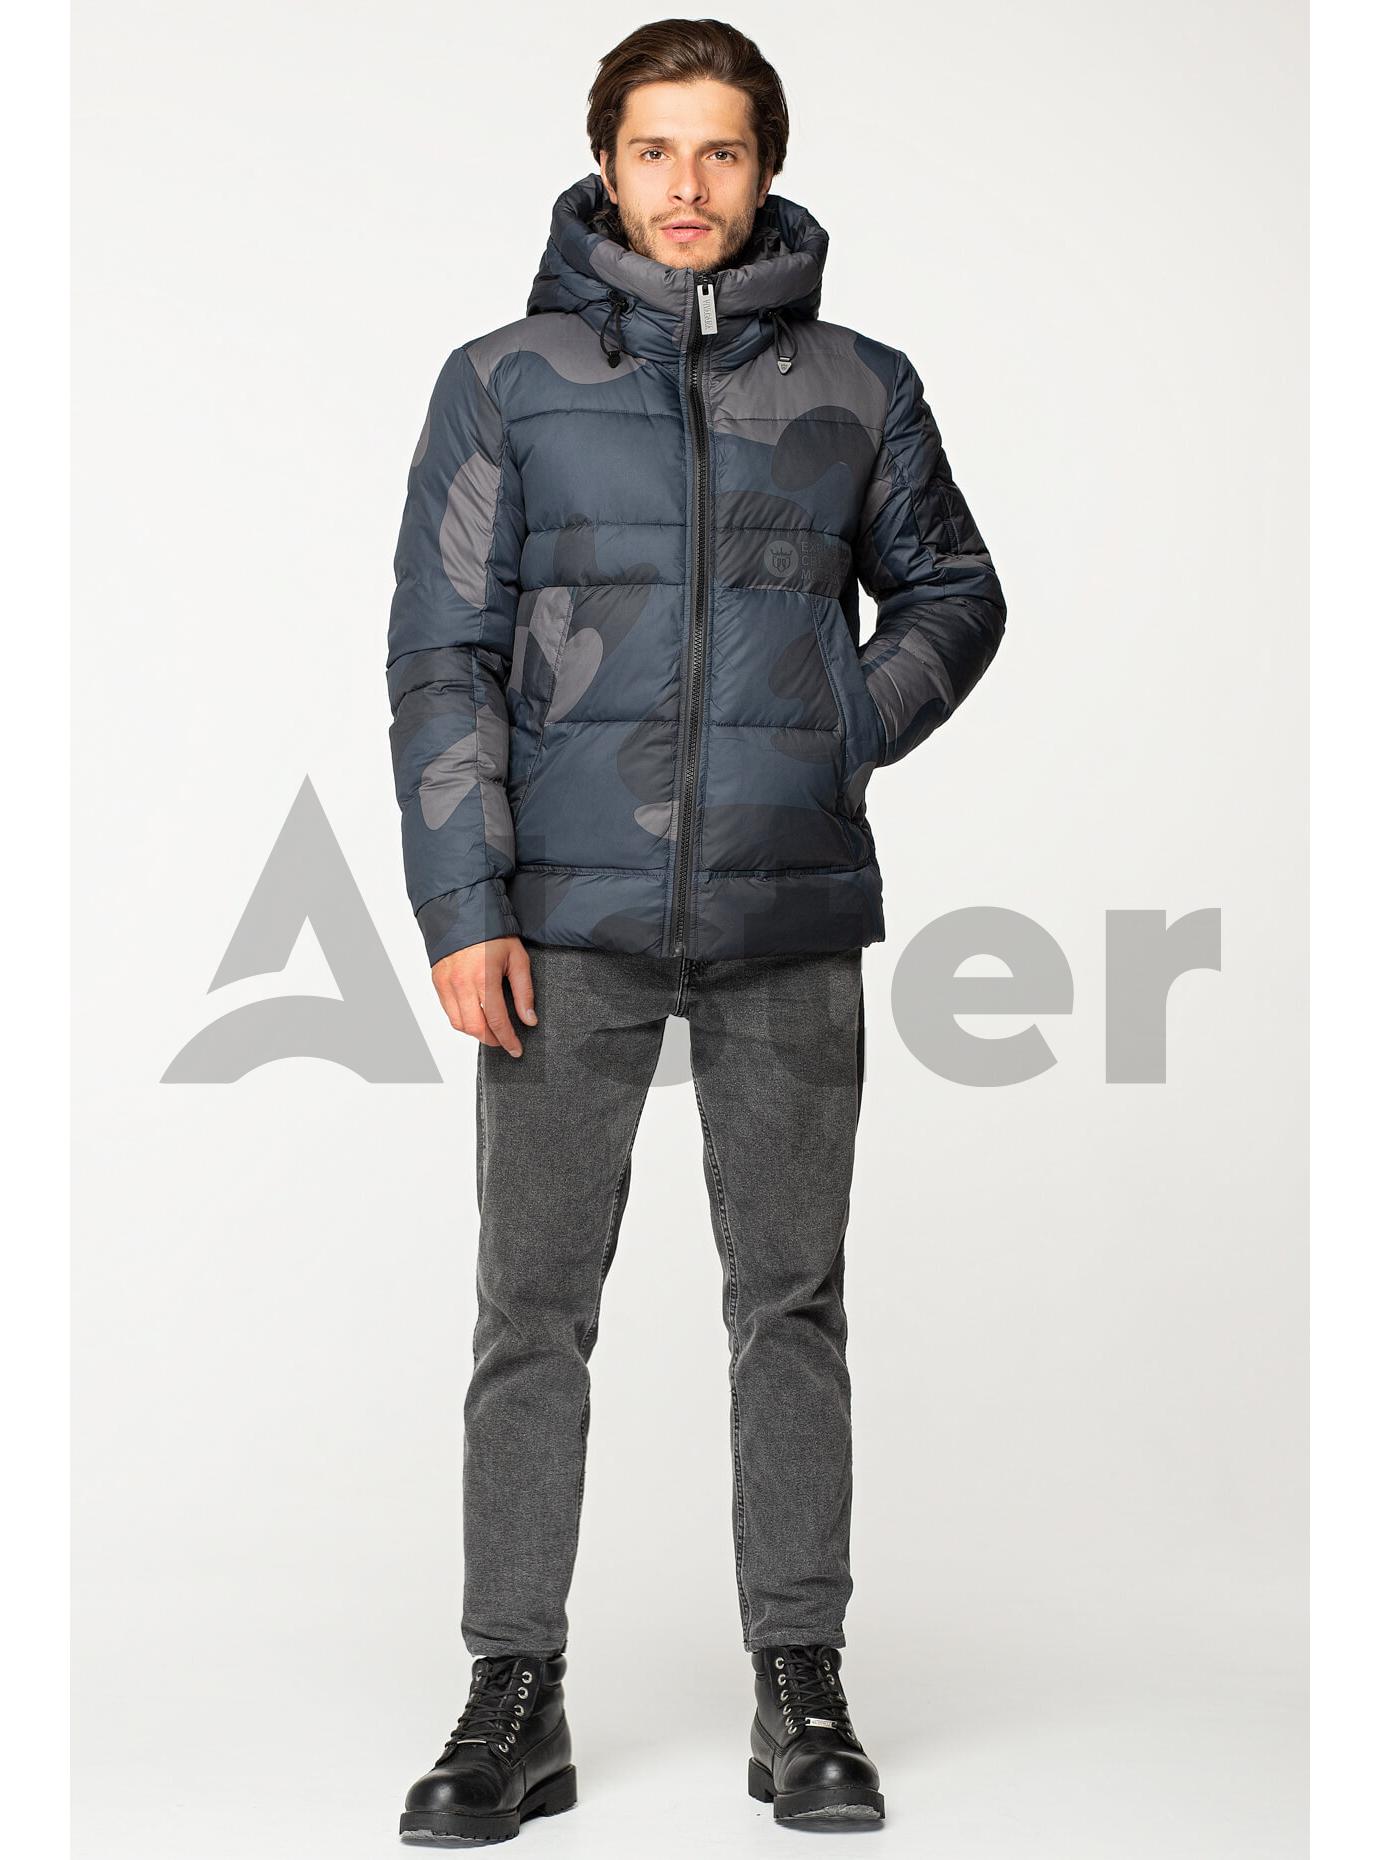 Мужская зимняя куртка с капюшоном Синий S (02-MV1928): фото - Alster.ua